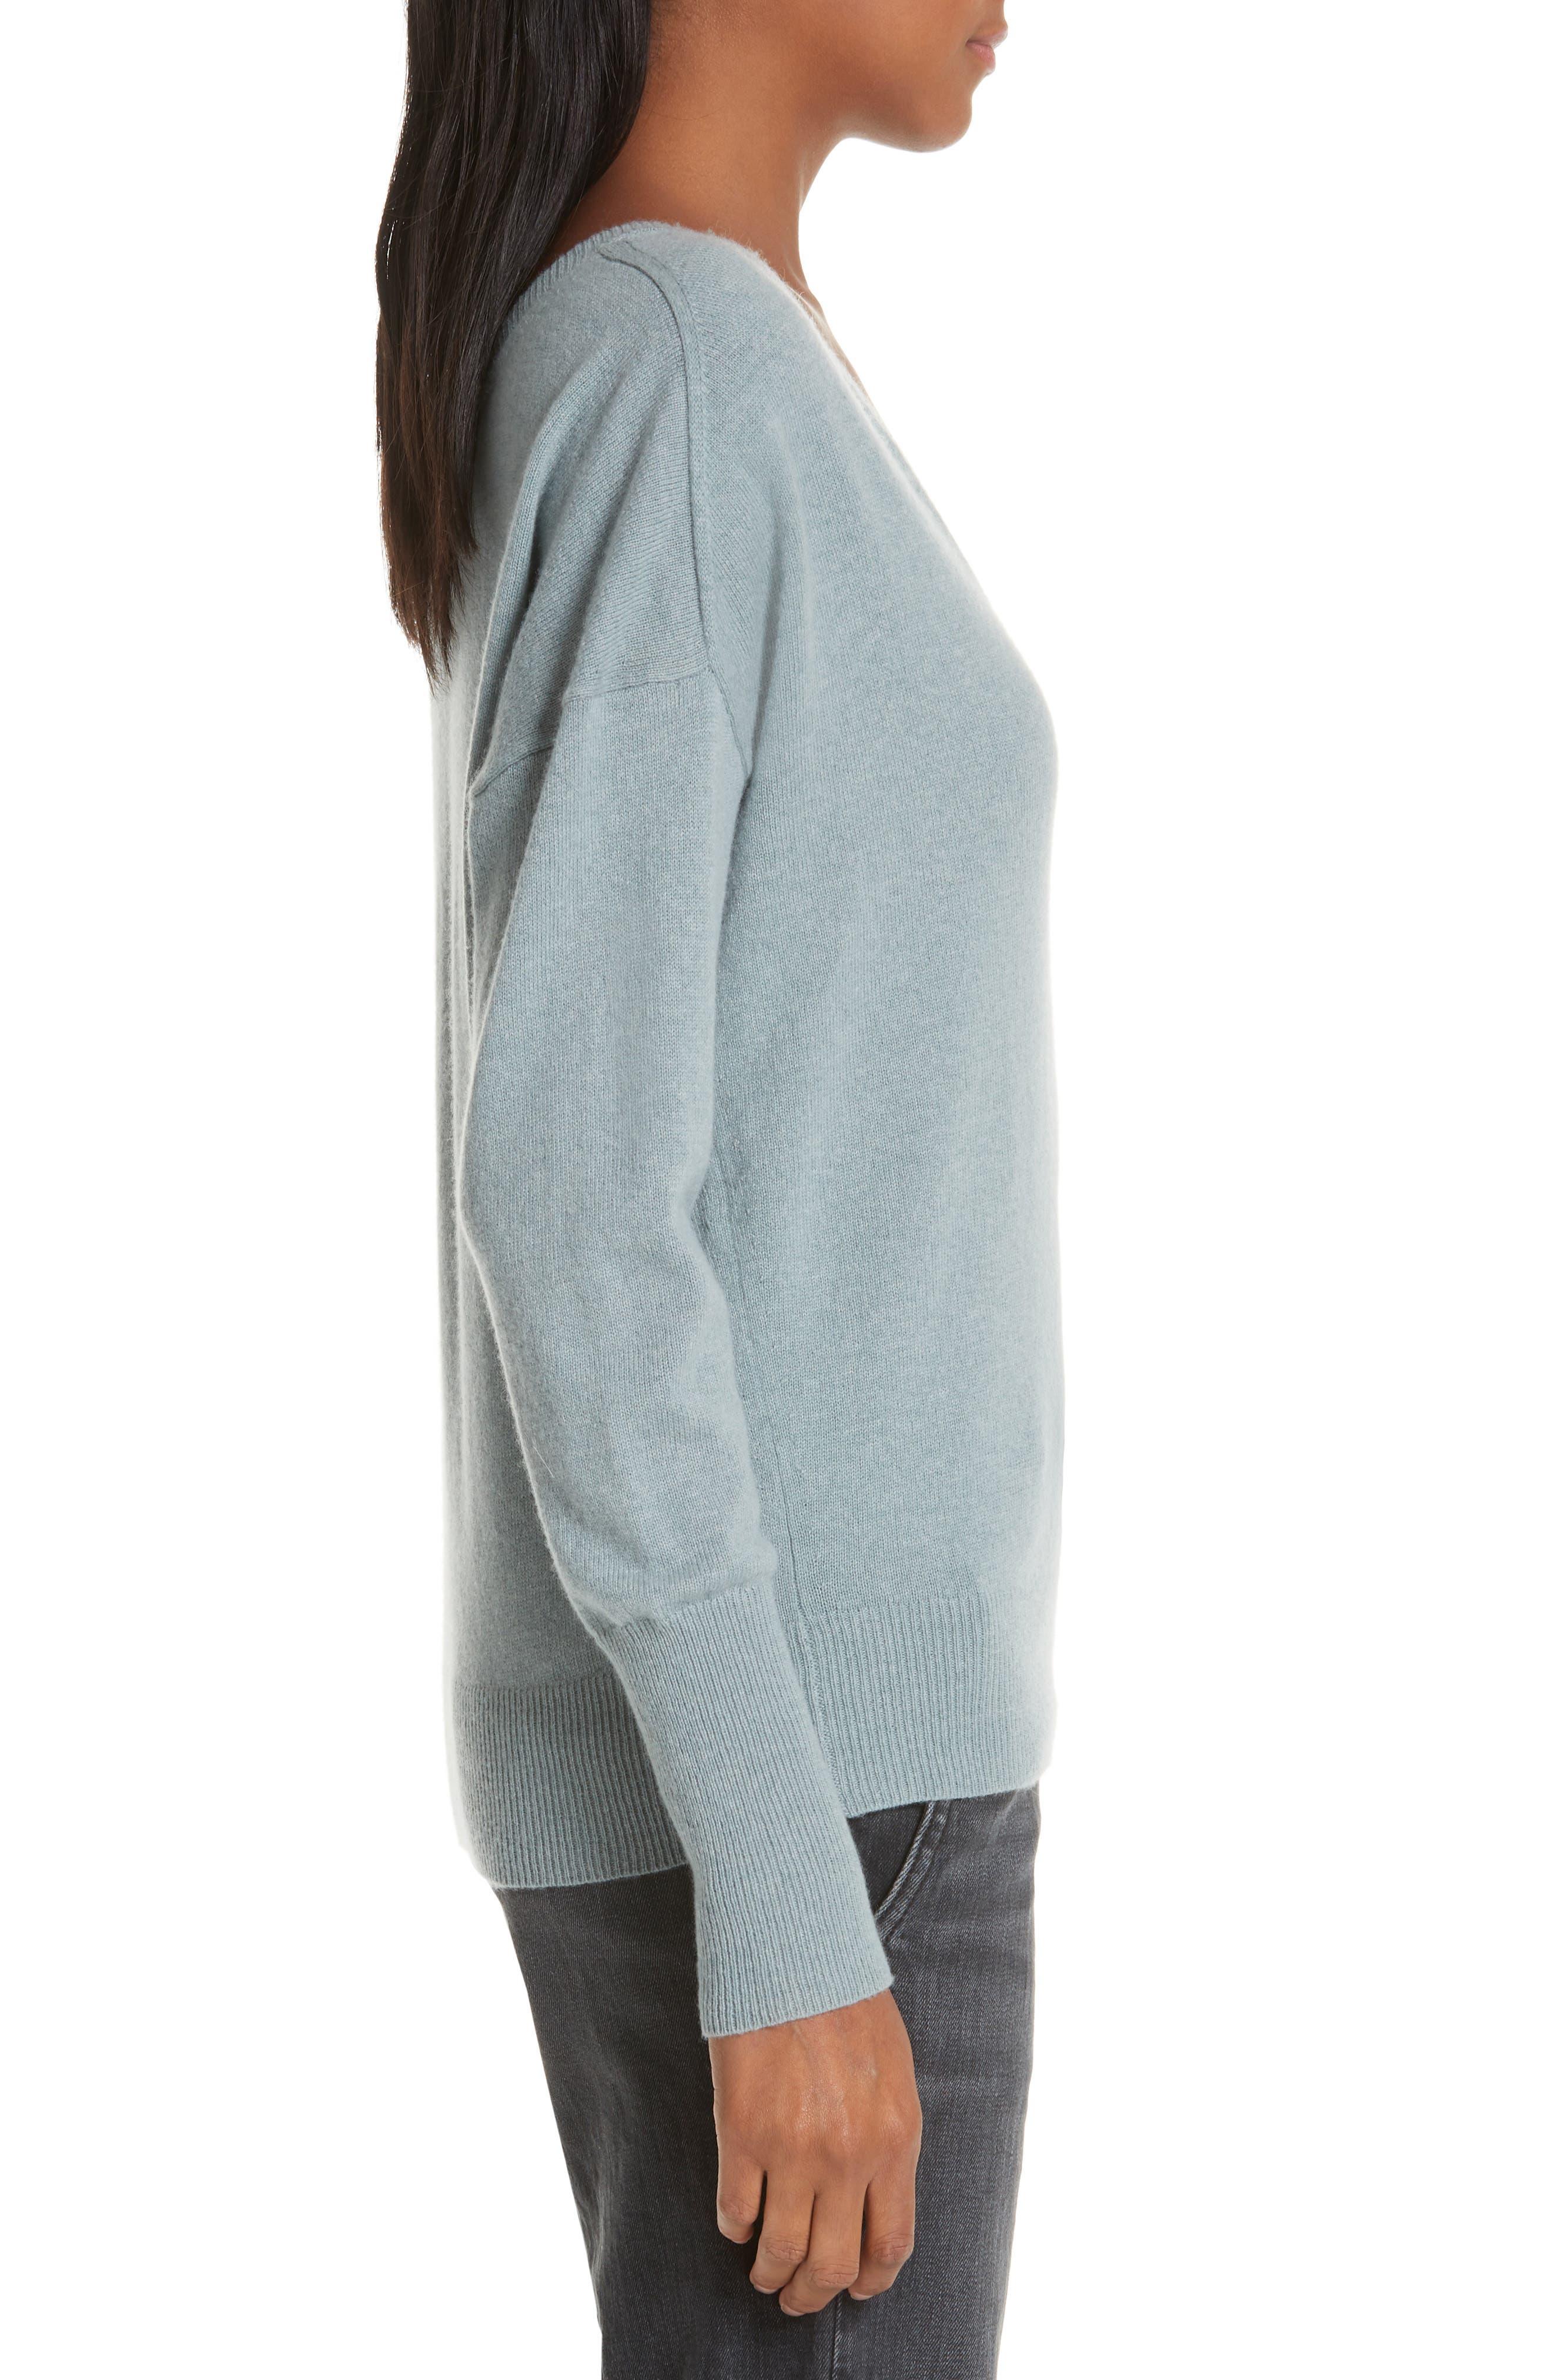 NILI LOTAN, Kylan Cashmere Sweater, Alternate thumbnail 3, color, SKY BLUE